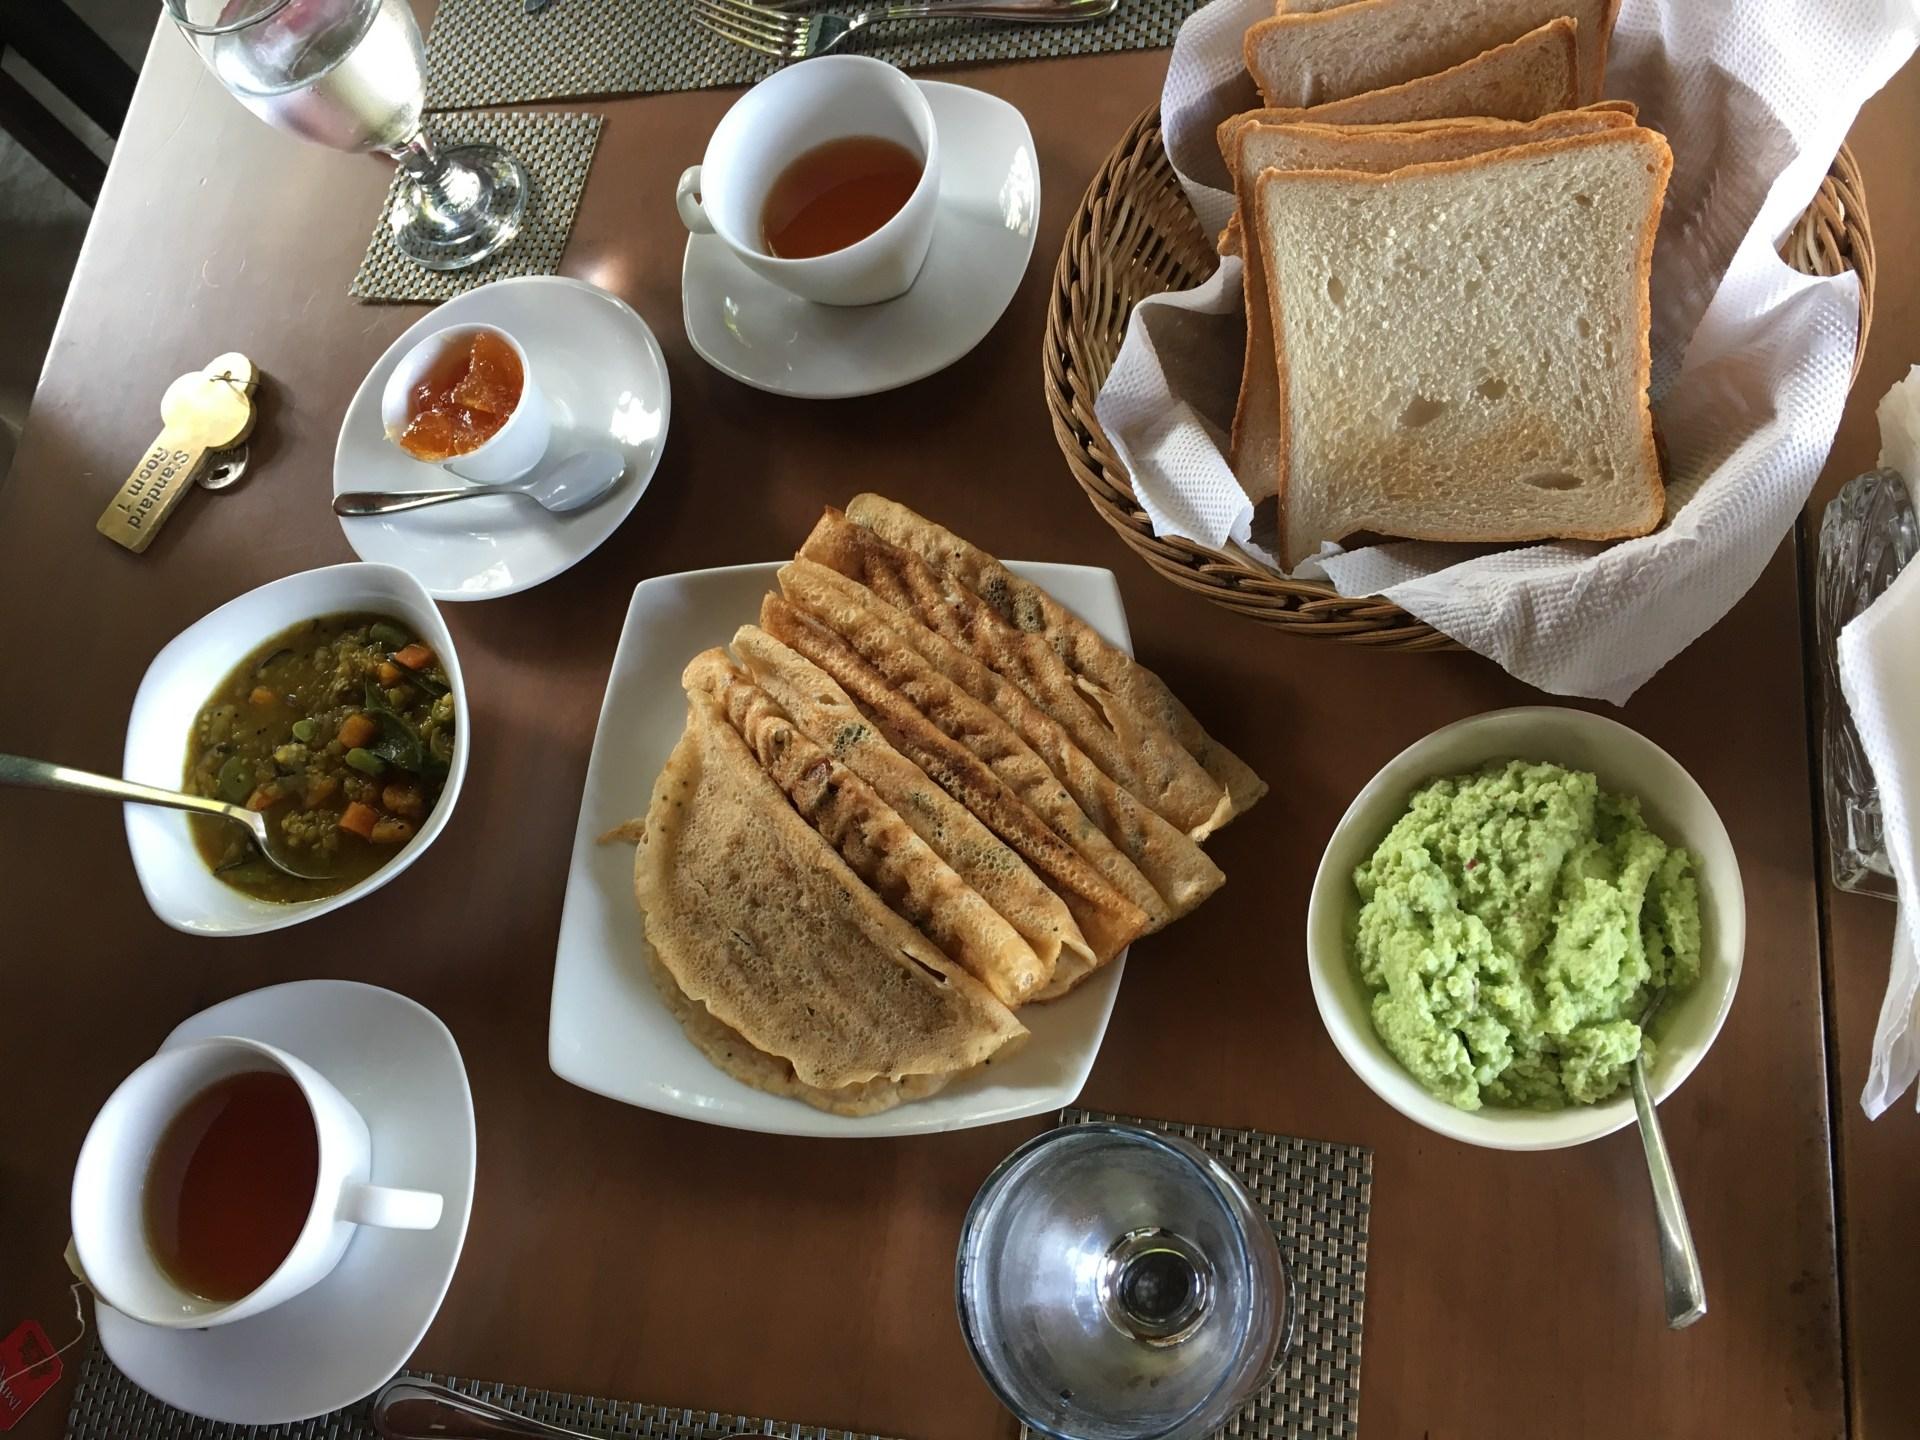 Sri Lanka, ontbijt, curry, eten en drinken